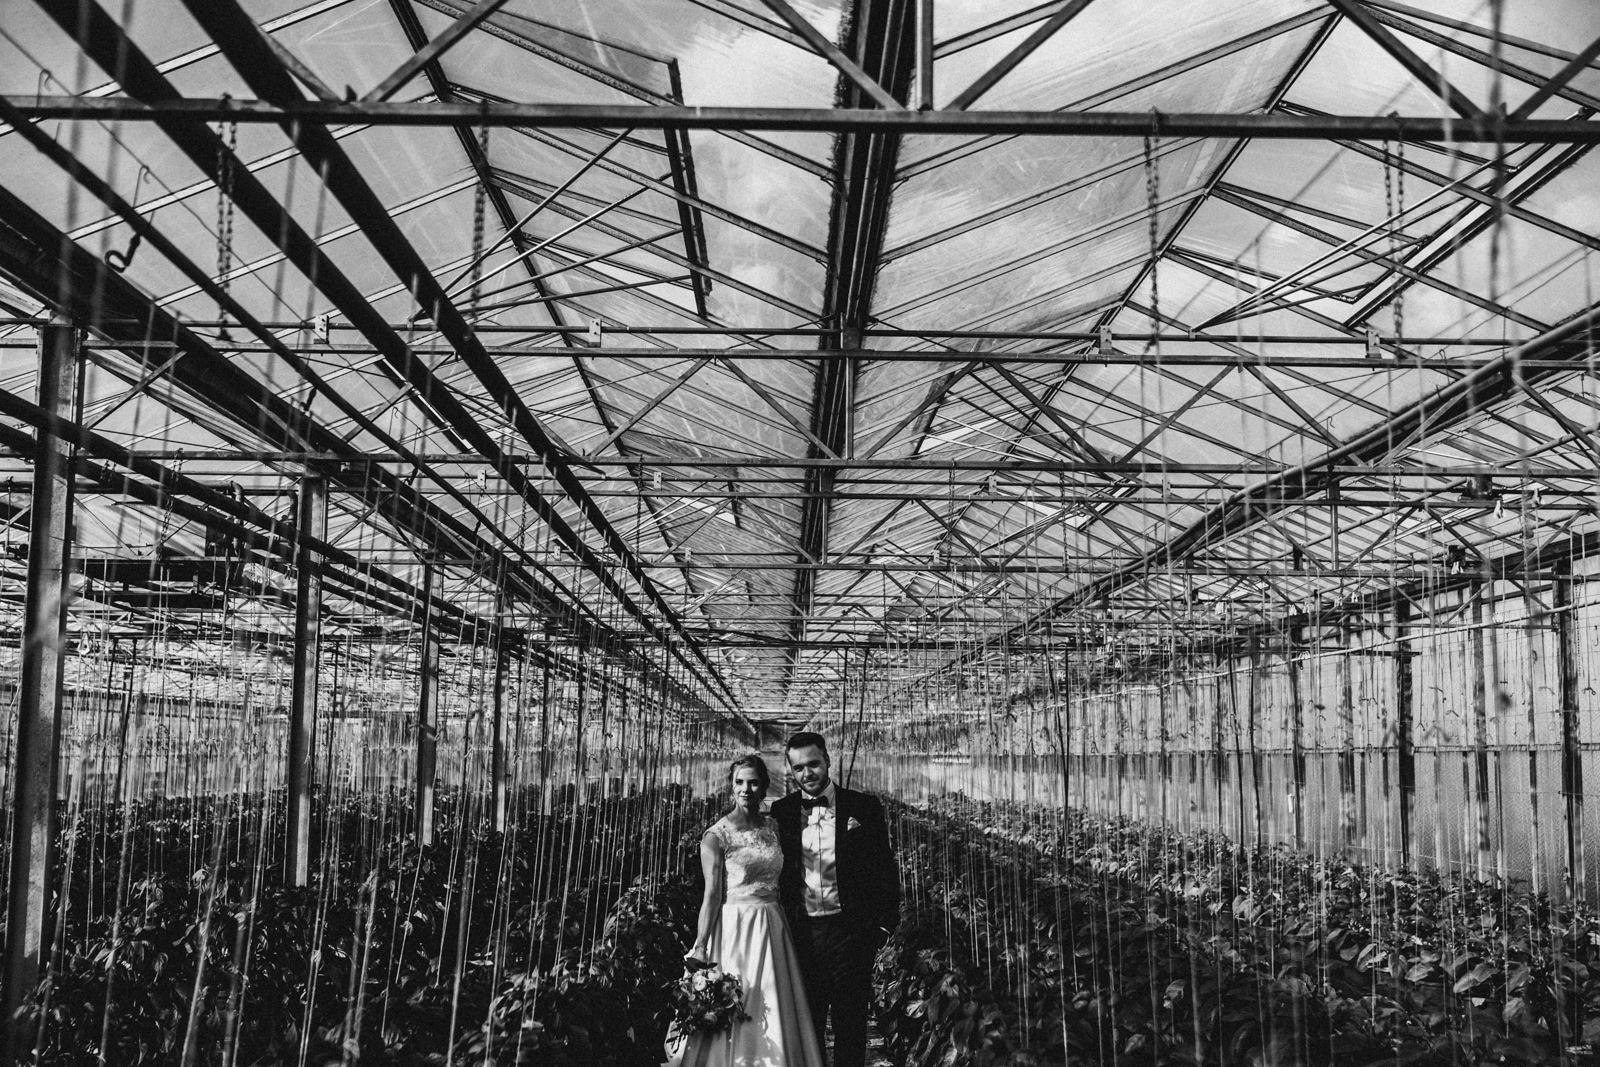 Hochzeit im Gwaechshaus in Nuernberg. Begleitet als Hochzeitsreportage durch Hochzeitsfotograf Axel Link aus Wuerzburg